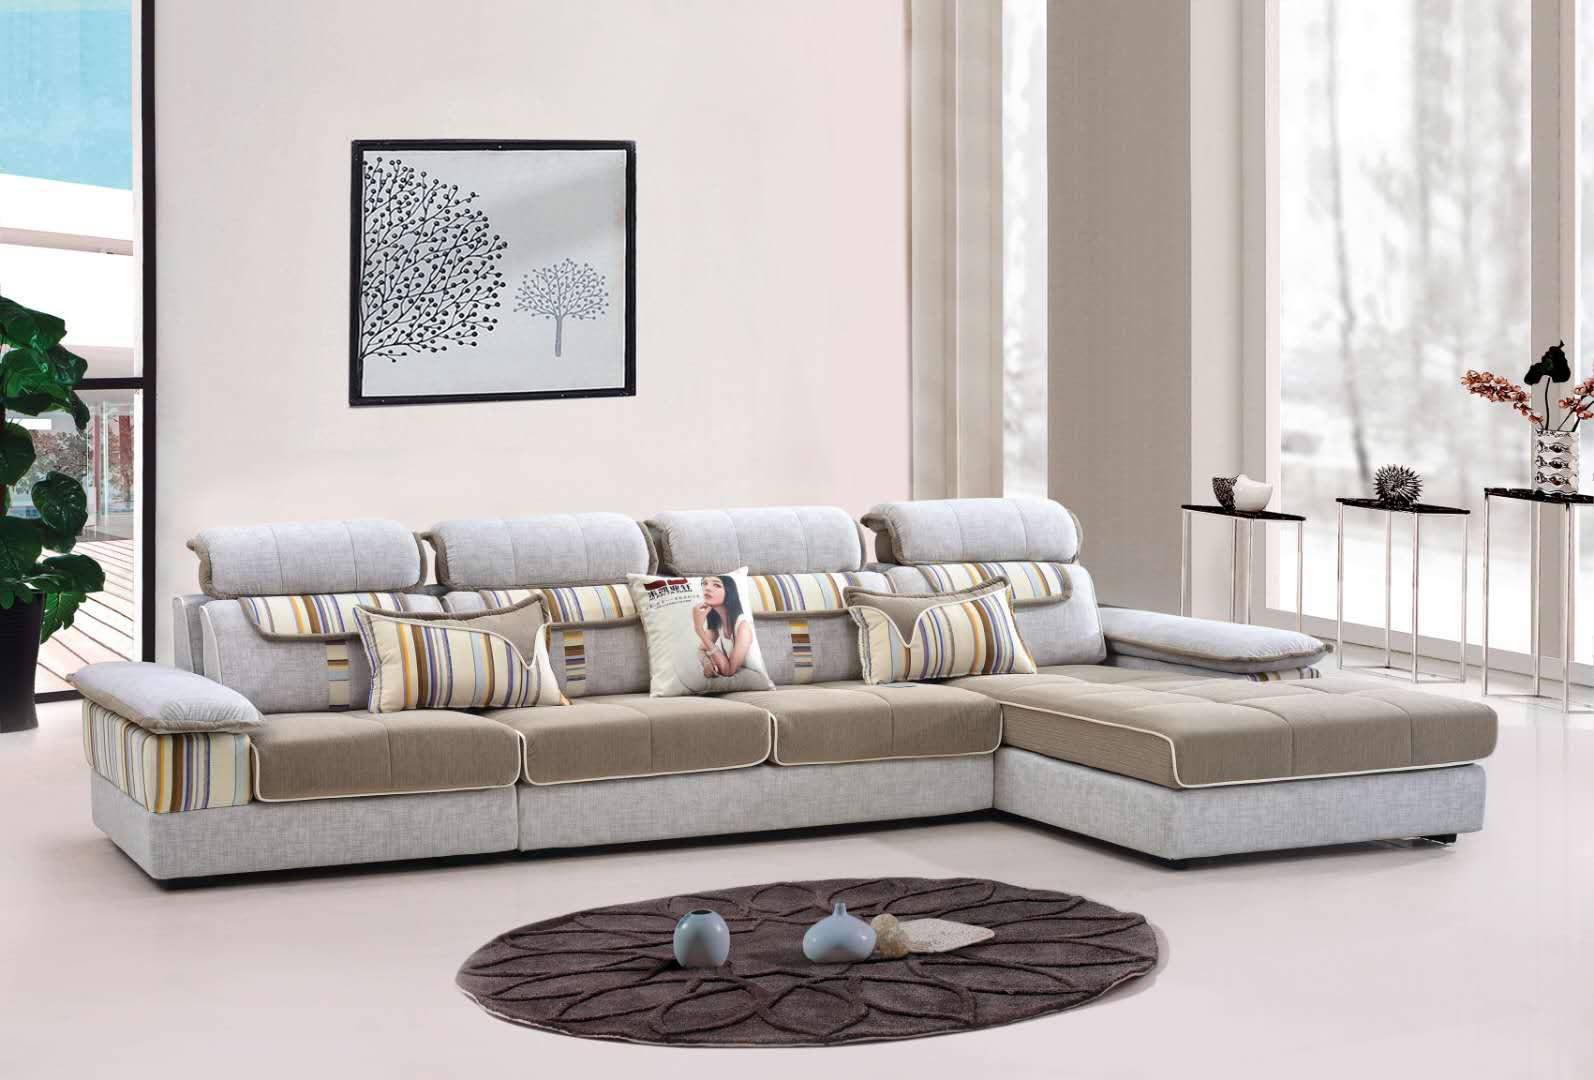 米凯亚轩家居   龙岗沙发供应 客厅现代简约沙发